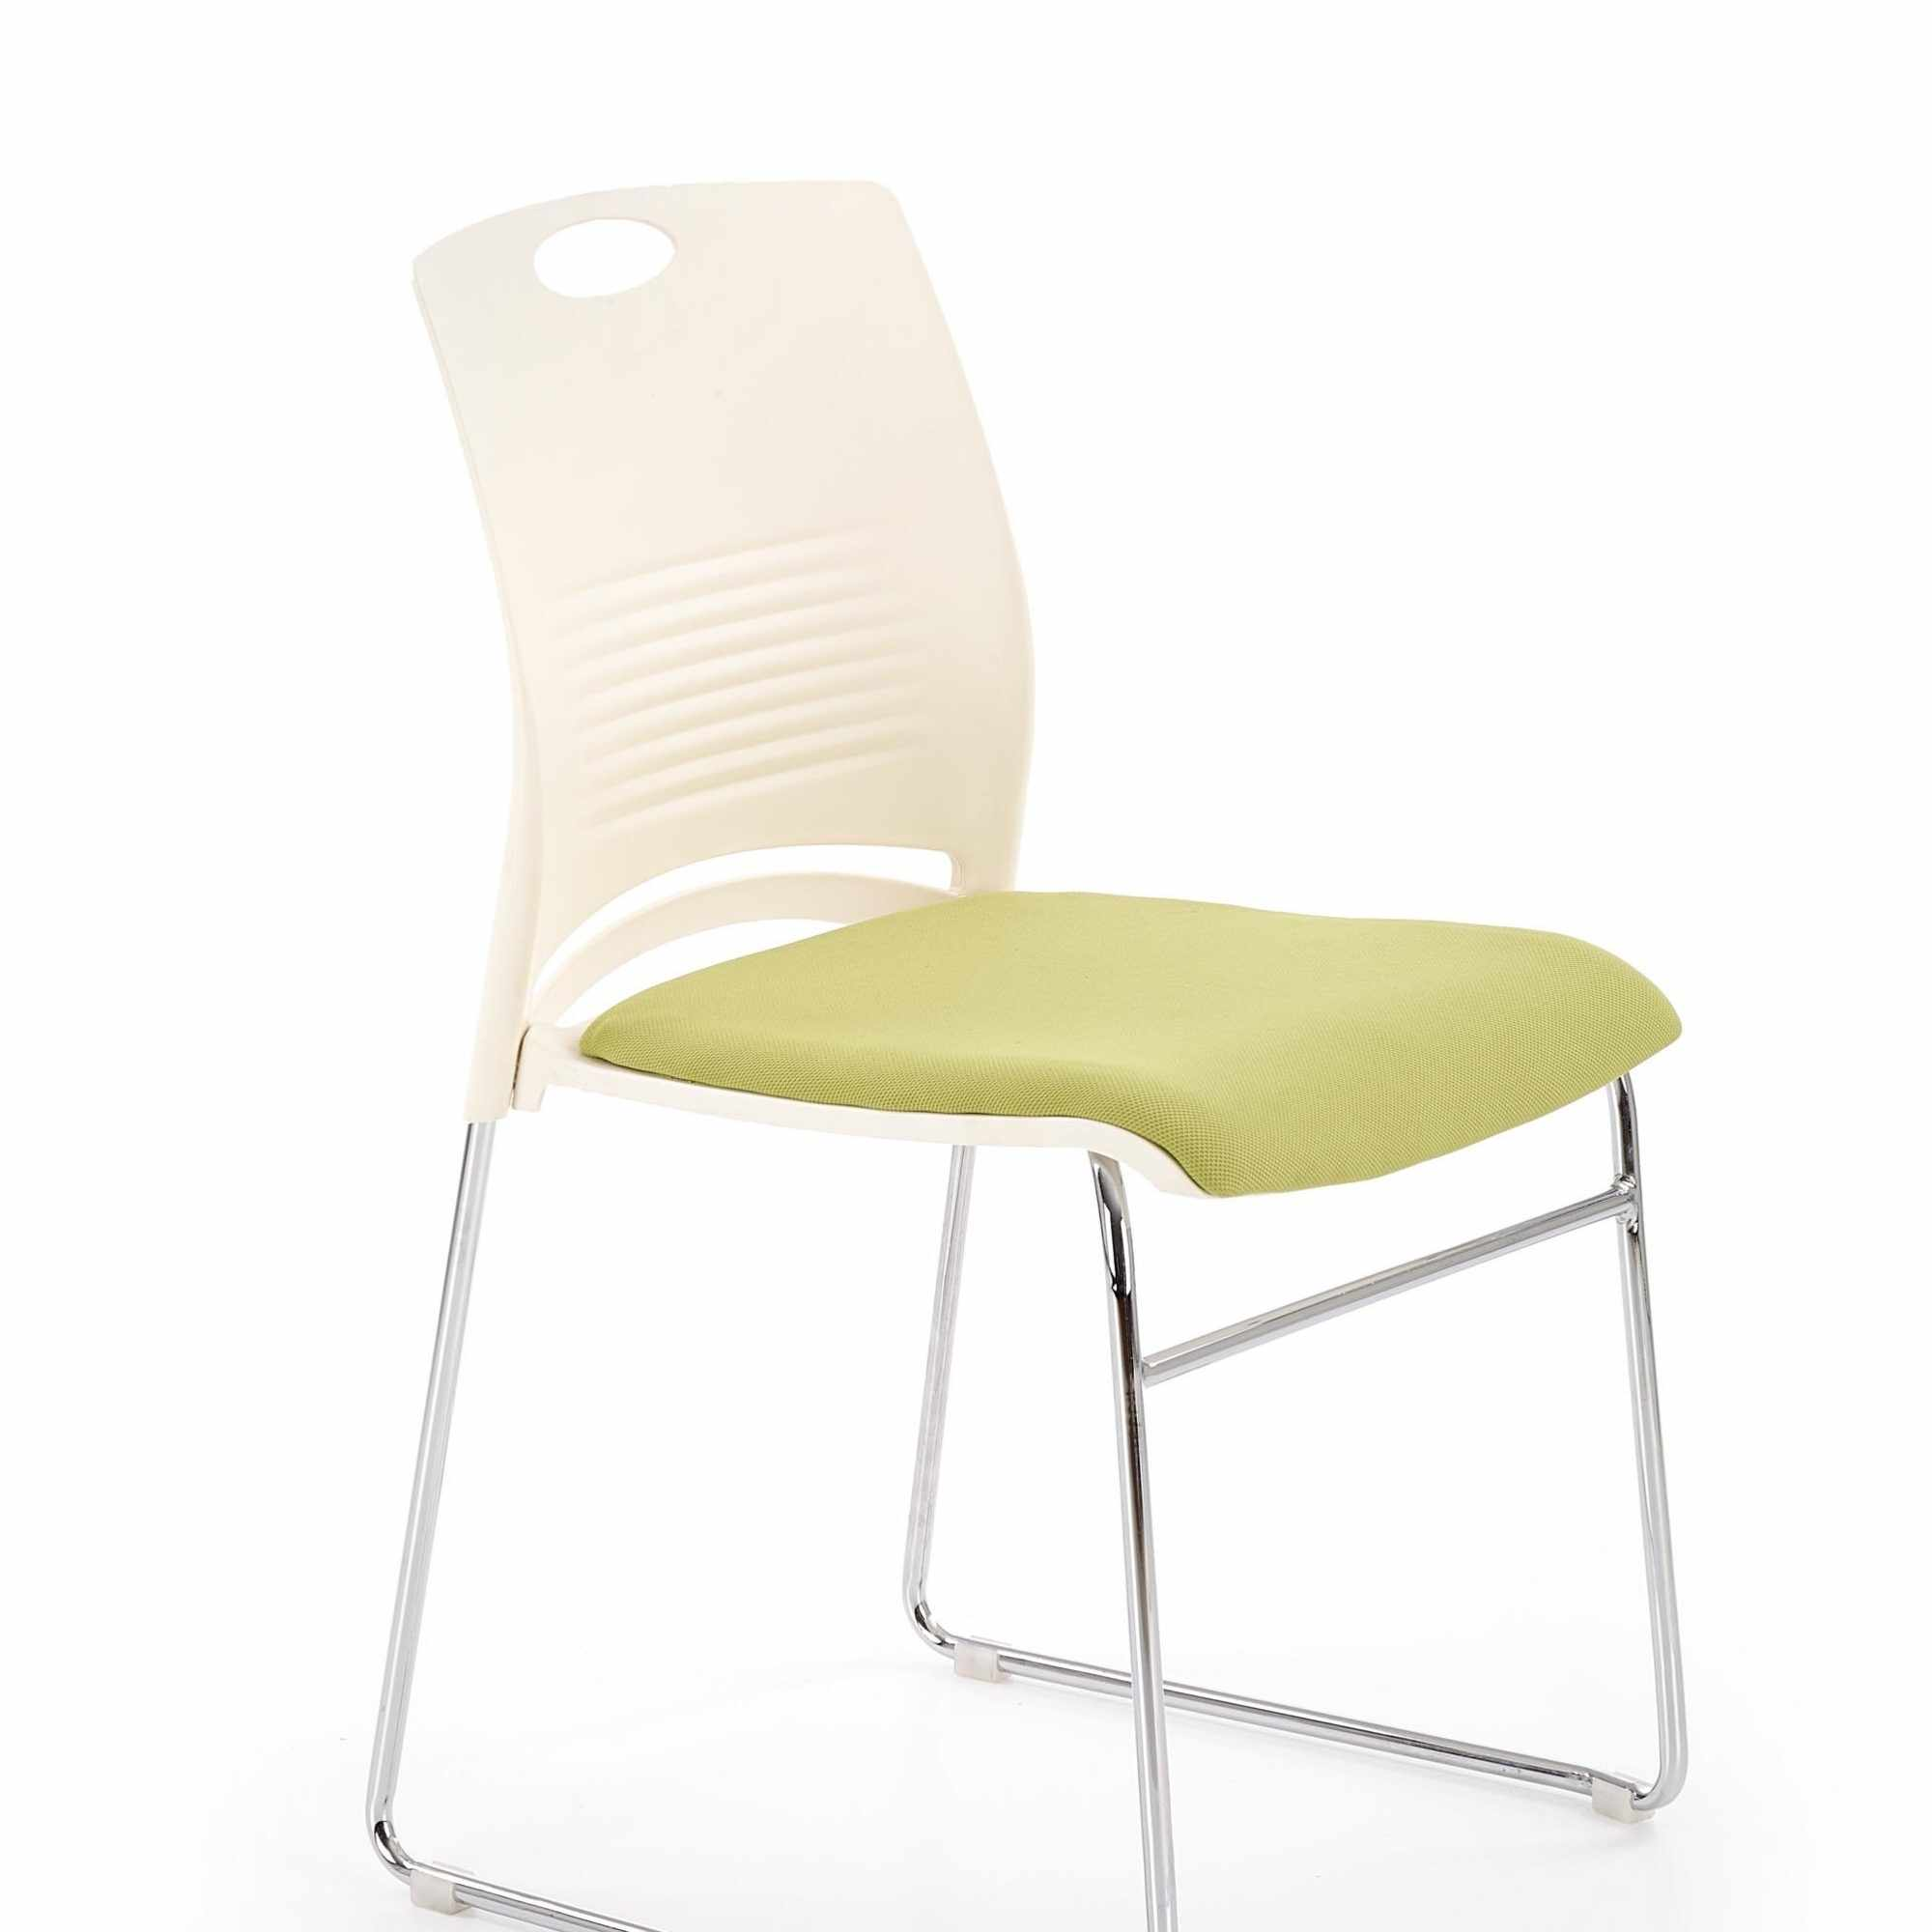 Scaun din plastic, cu sezut tapitat cu stofa si picioare metalice Calis Alb / Verde, l44xA52xH80 cm la pret 164 lei